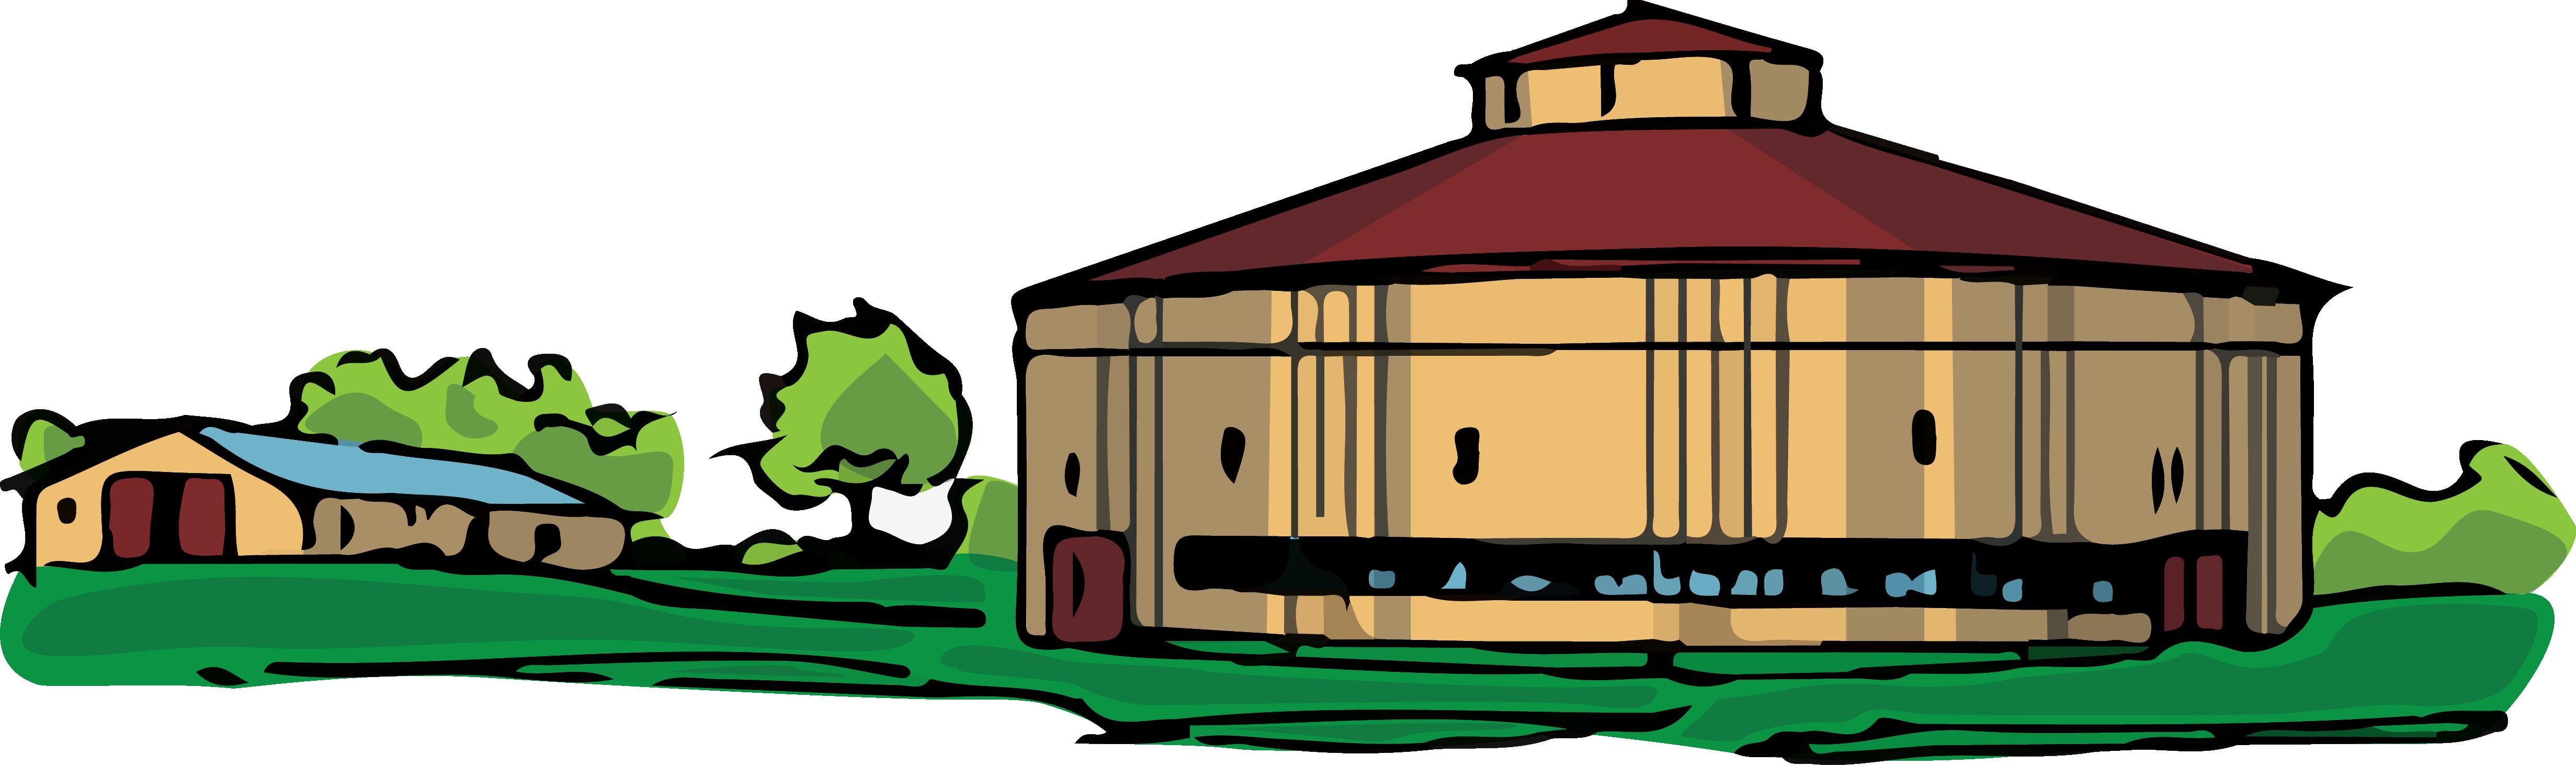 Clipart house tornado. I spy key nebraska